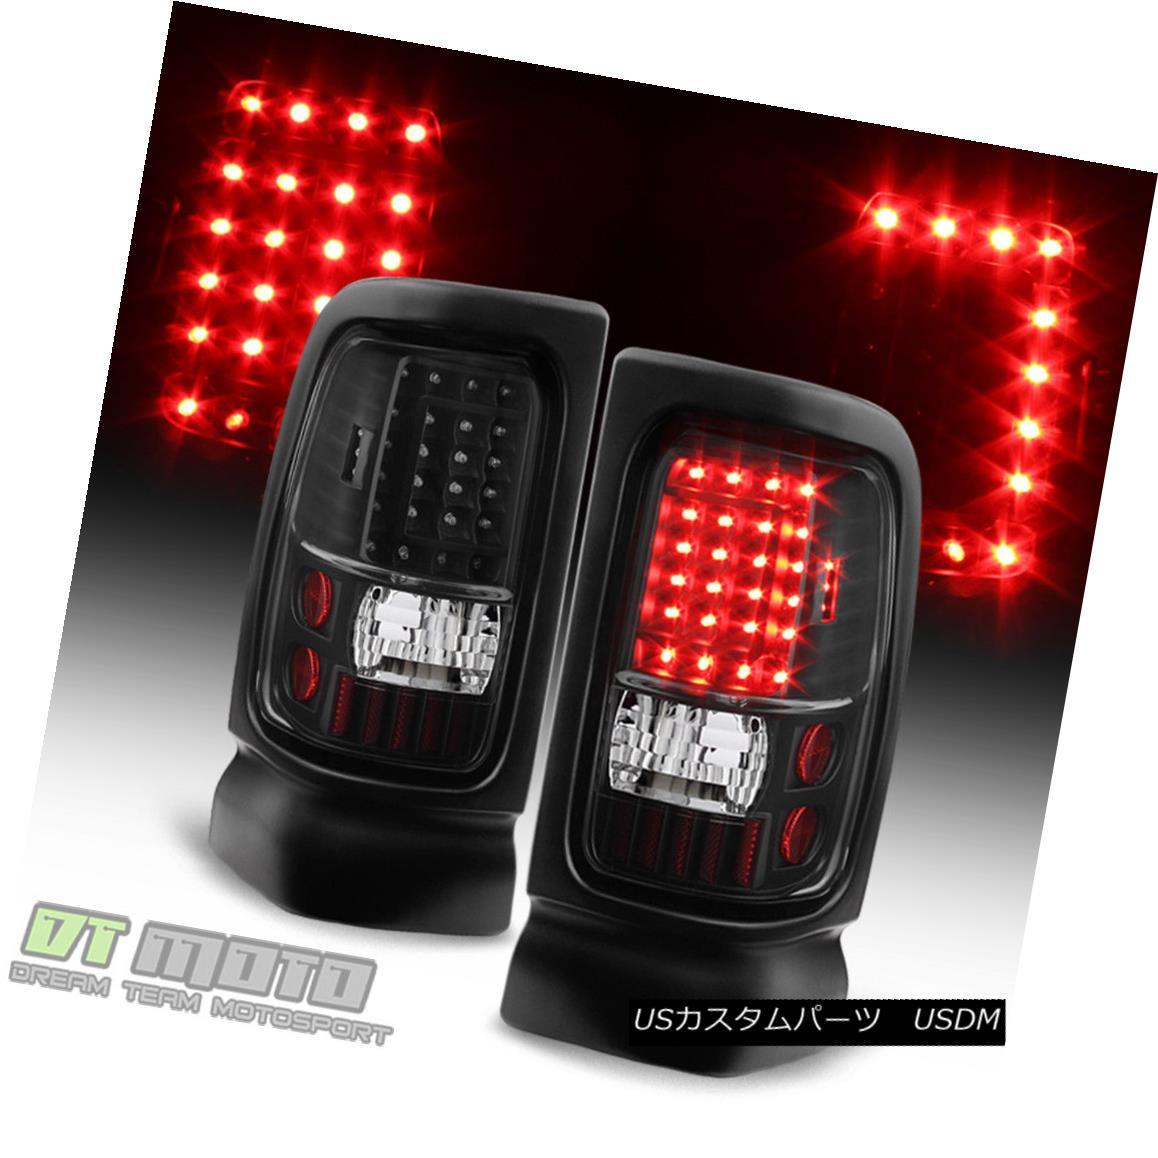 テールライト Black 1500 1994-2001 Dodge Ram 1500 2500 Ram 2500 3500 [C Strip] LED Tail Lights Brake Lamps ブラック1994-2001 Dodge Ram 1500 2500 3500 [Cストリップ] LEDテールライトブレーキランプ, ベストアンサーの宝ショップ:56b6d842 --- officewill.xsrv.jp